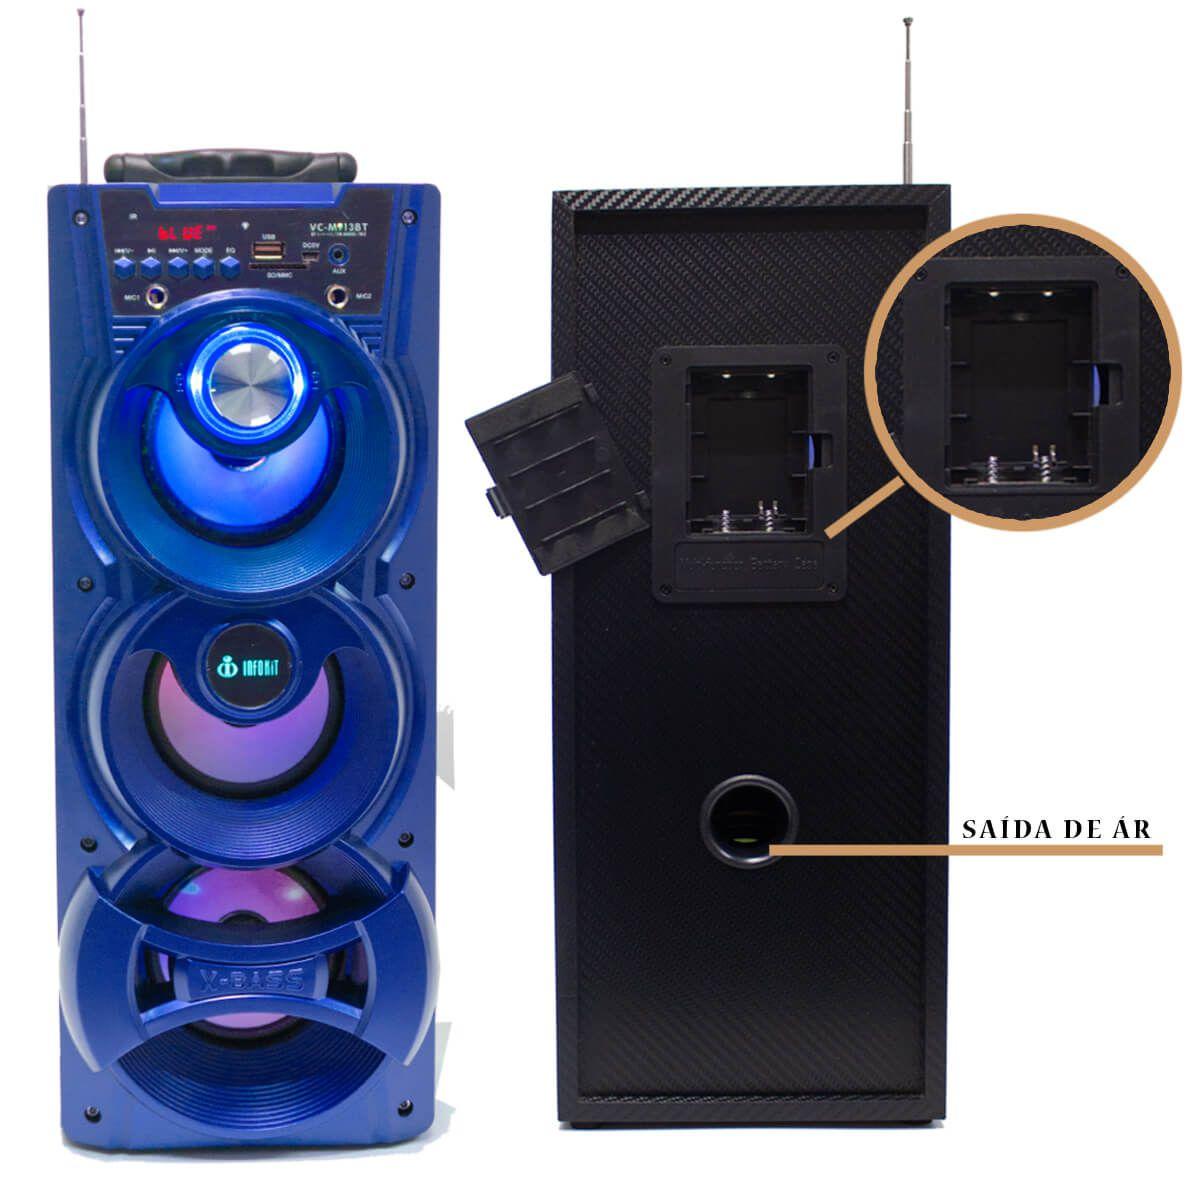 Caixa de Som Bluetooth 18 Watts Rms Infokit VC-M913BT com VISOR SD/USB/FM e Microfone